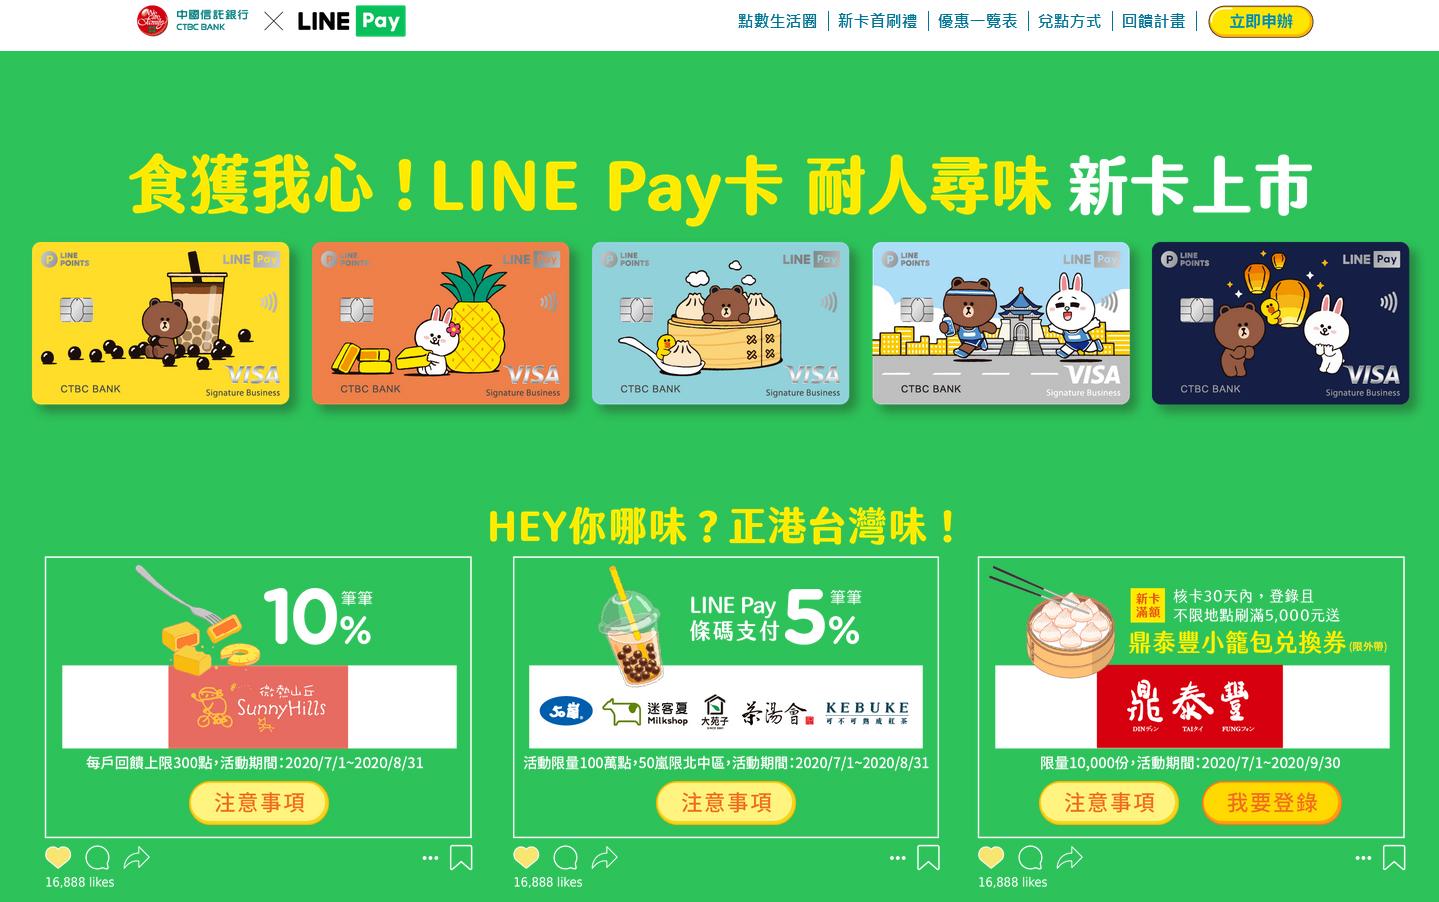 【中信LINE Pay卡】2020年第三季MGM推薦辦卡活動,登場!(~2020/9/30)